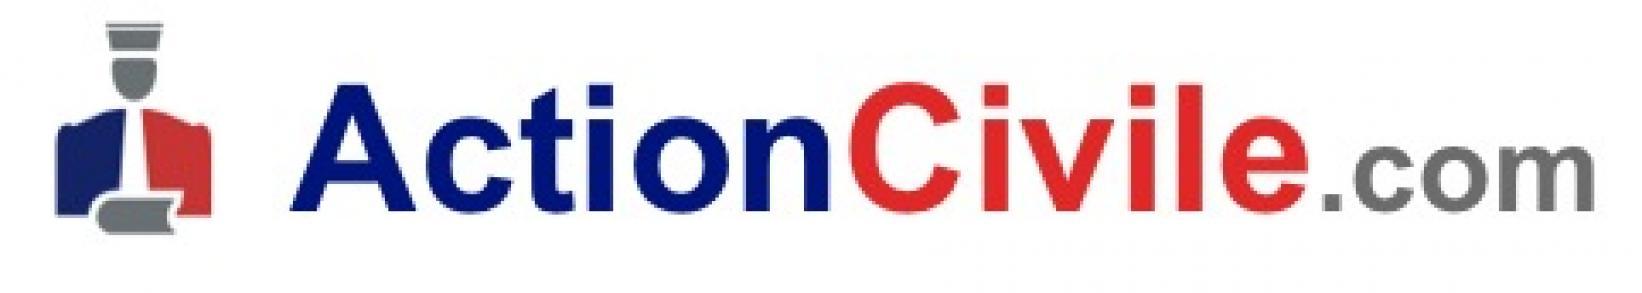 Actioncivile.com : vers un équilibre du rapport de force